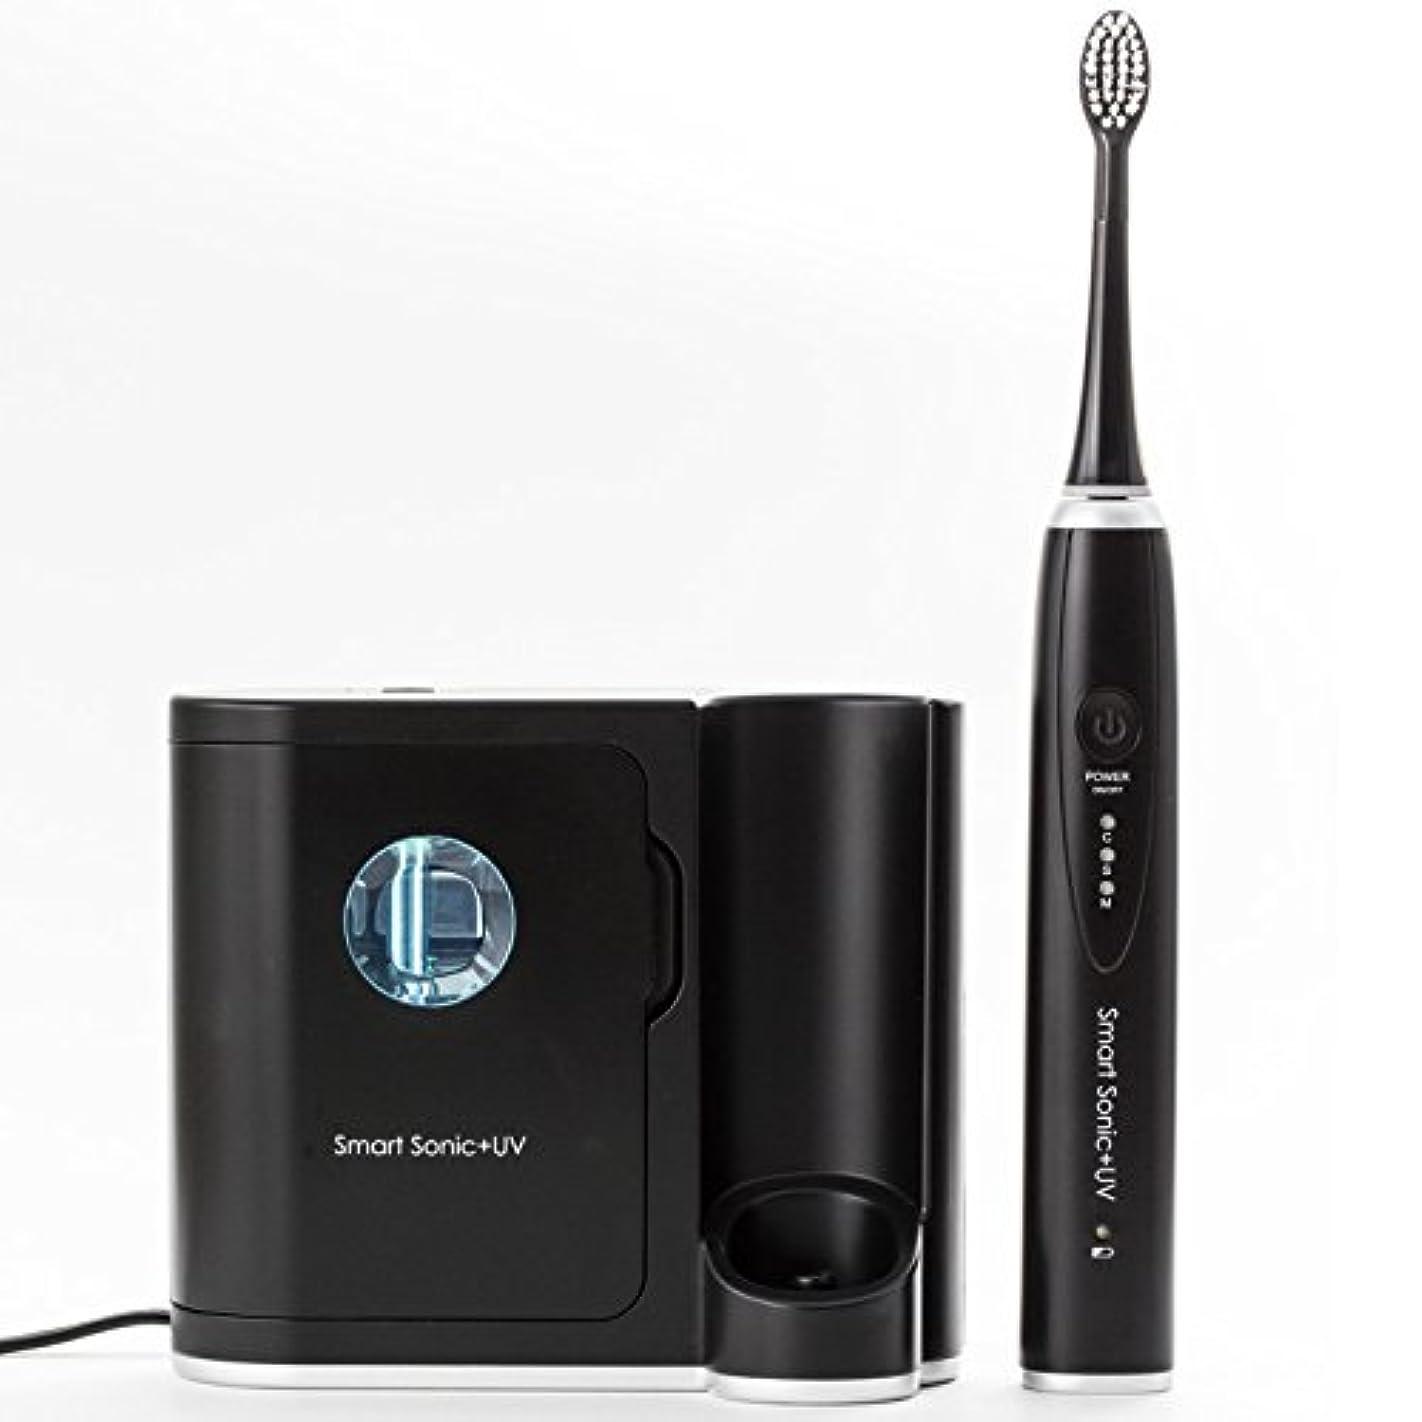 乗ってシンポジウム推定する音波歯ブラシ UV 紫外線除菌 歯ブラシ 殺菌機能付き 電動歯ブラシ スマートソニック プラス UV Smart Sonic UV